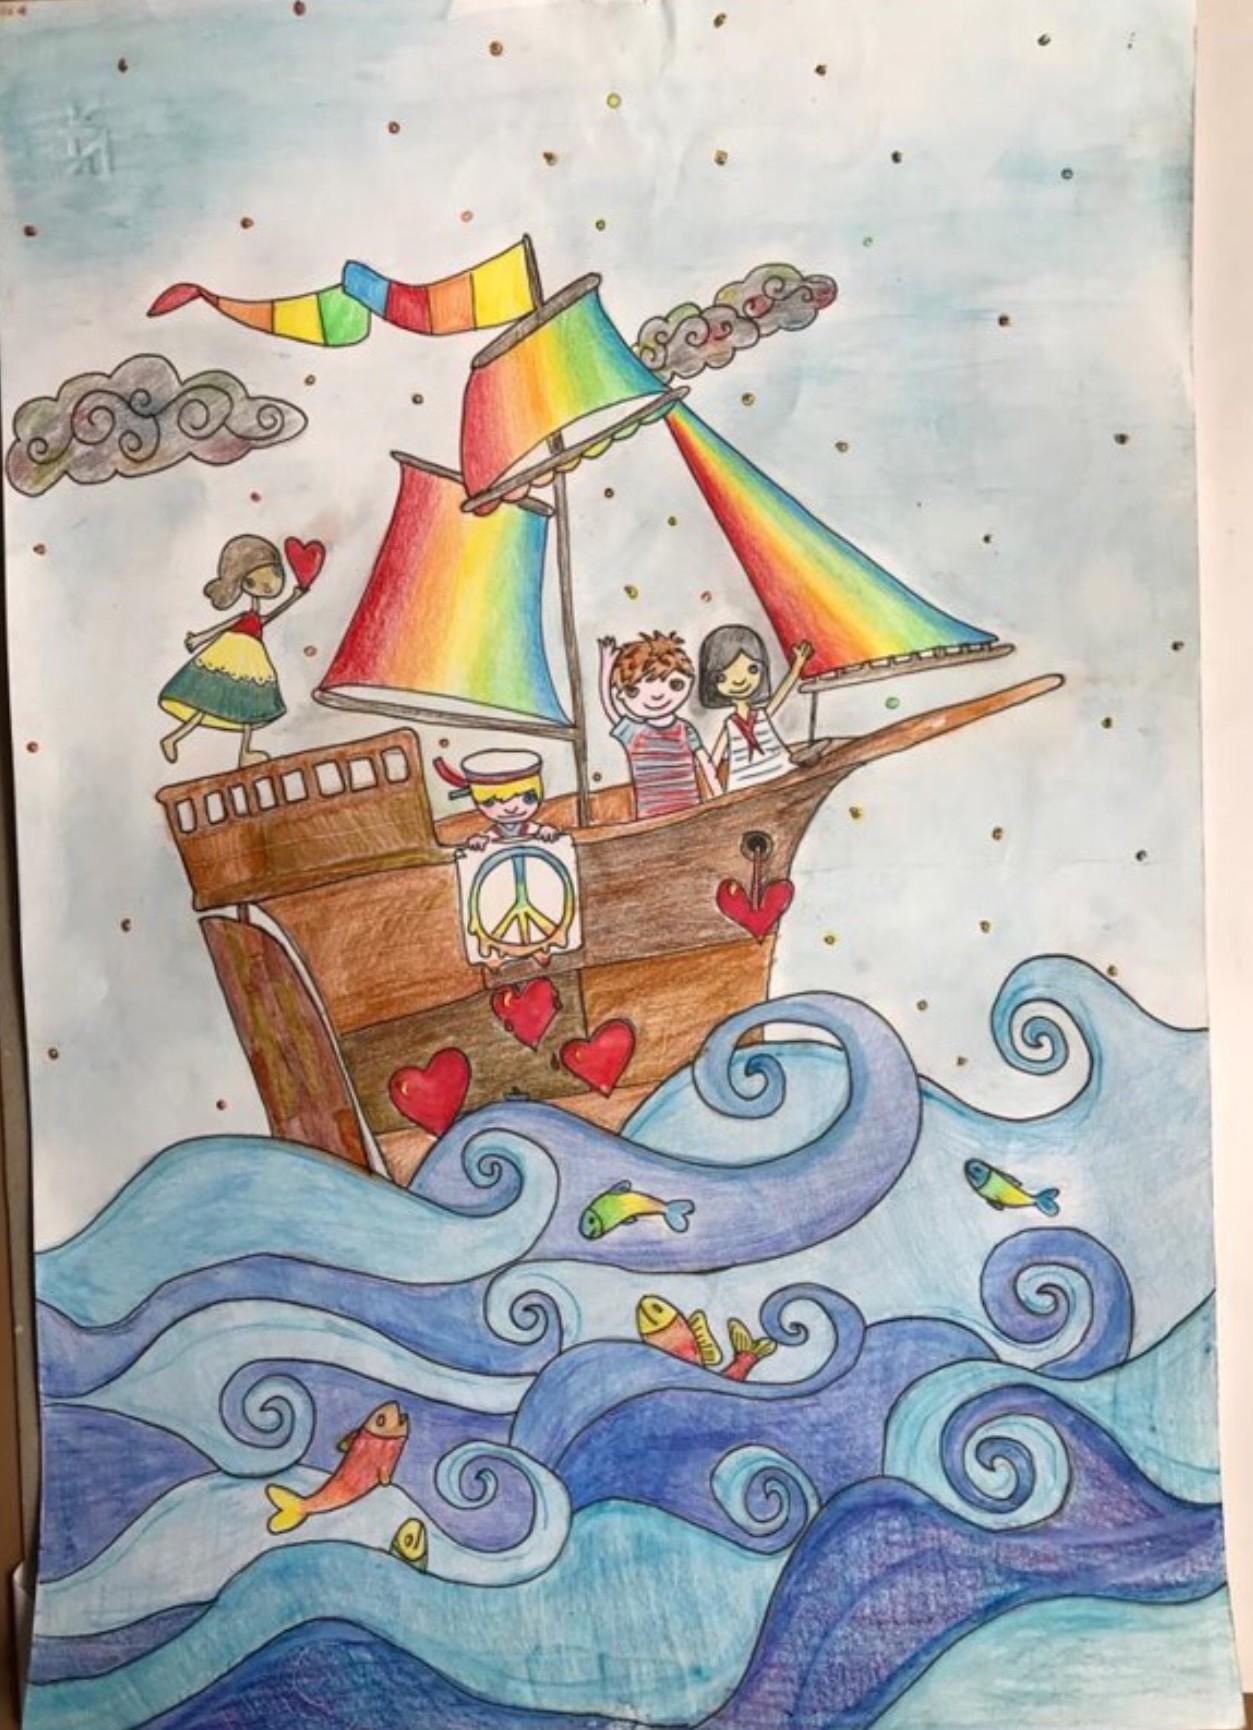 disegno realizzato da Lupita Passacantilli